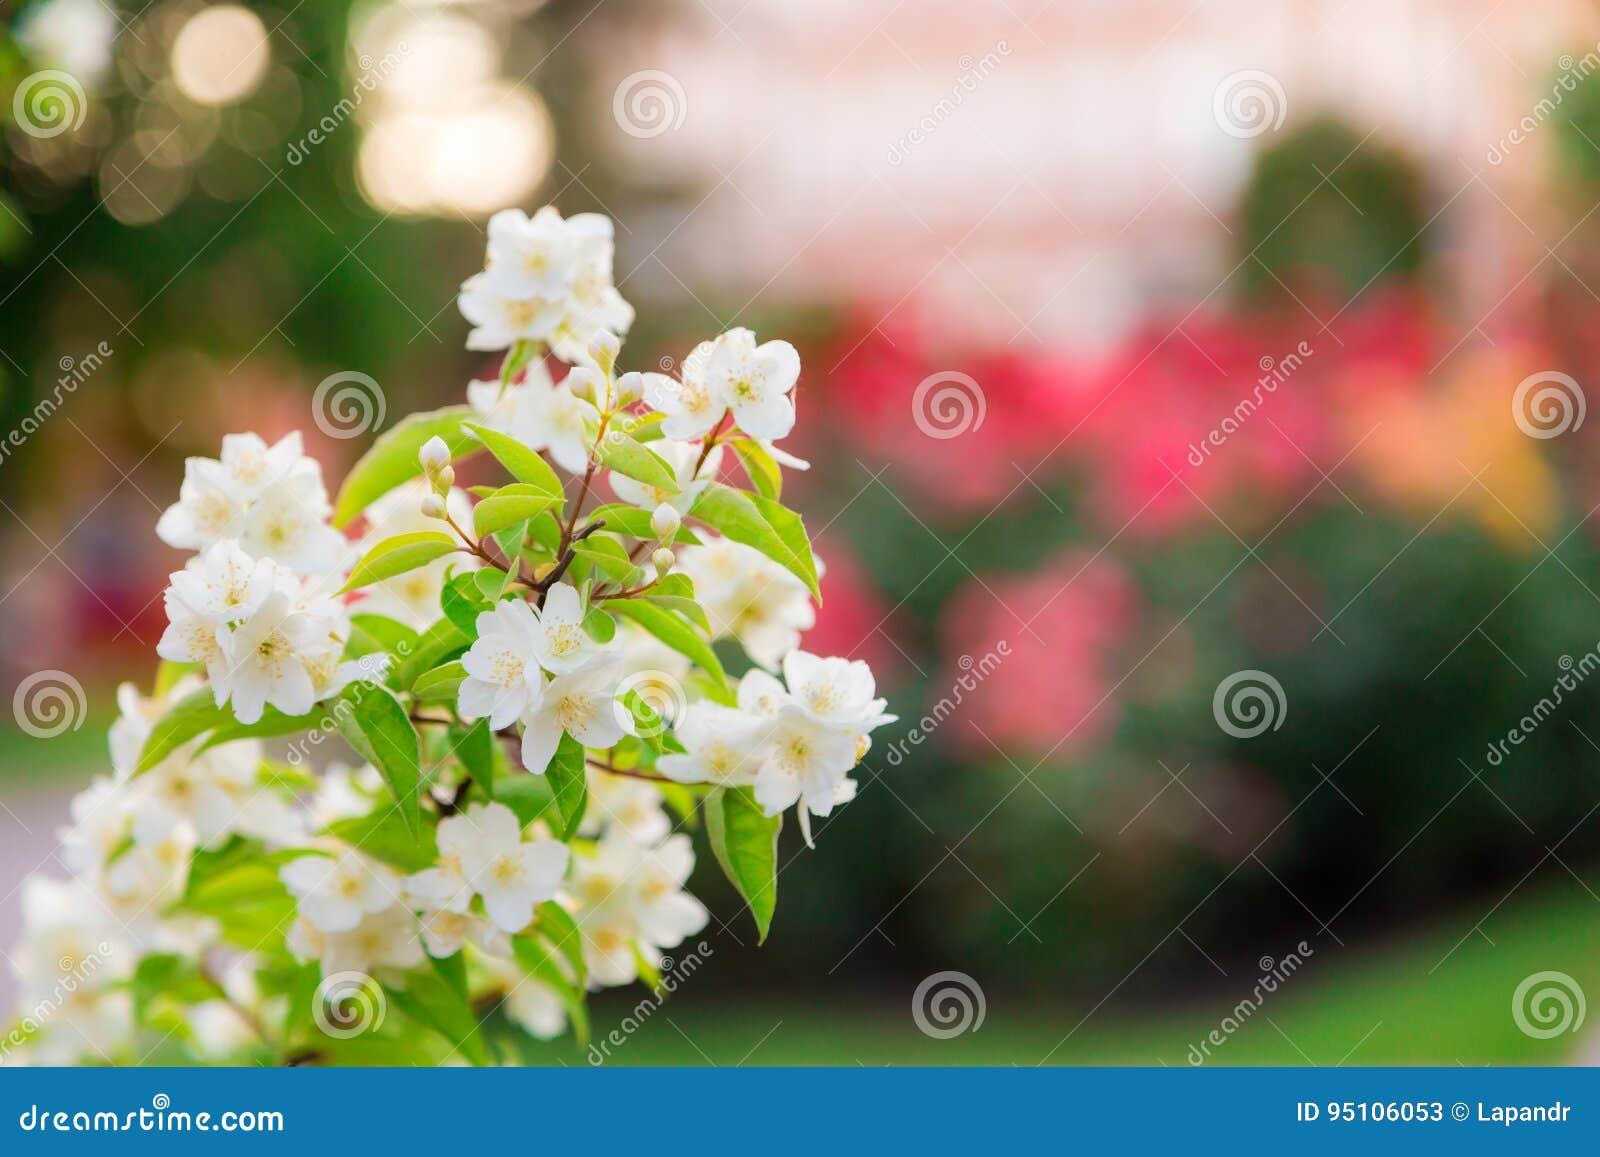 Floración Del Jardín De Chubushnik, O Del Jazmín En El Parque Bush ...